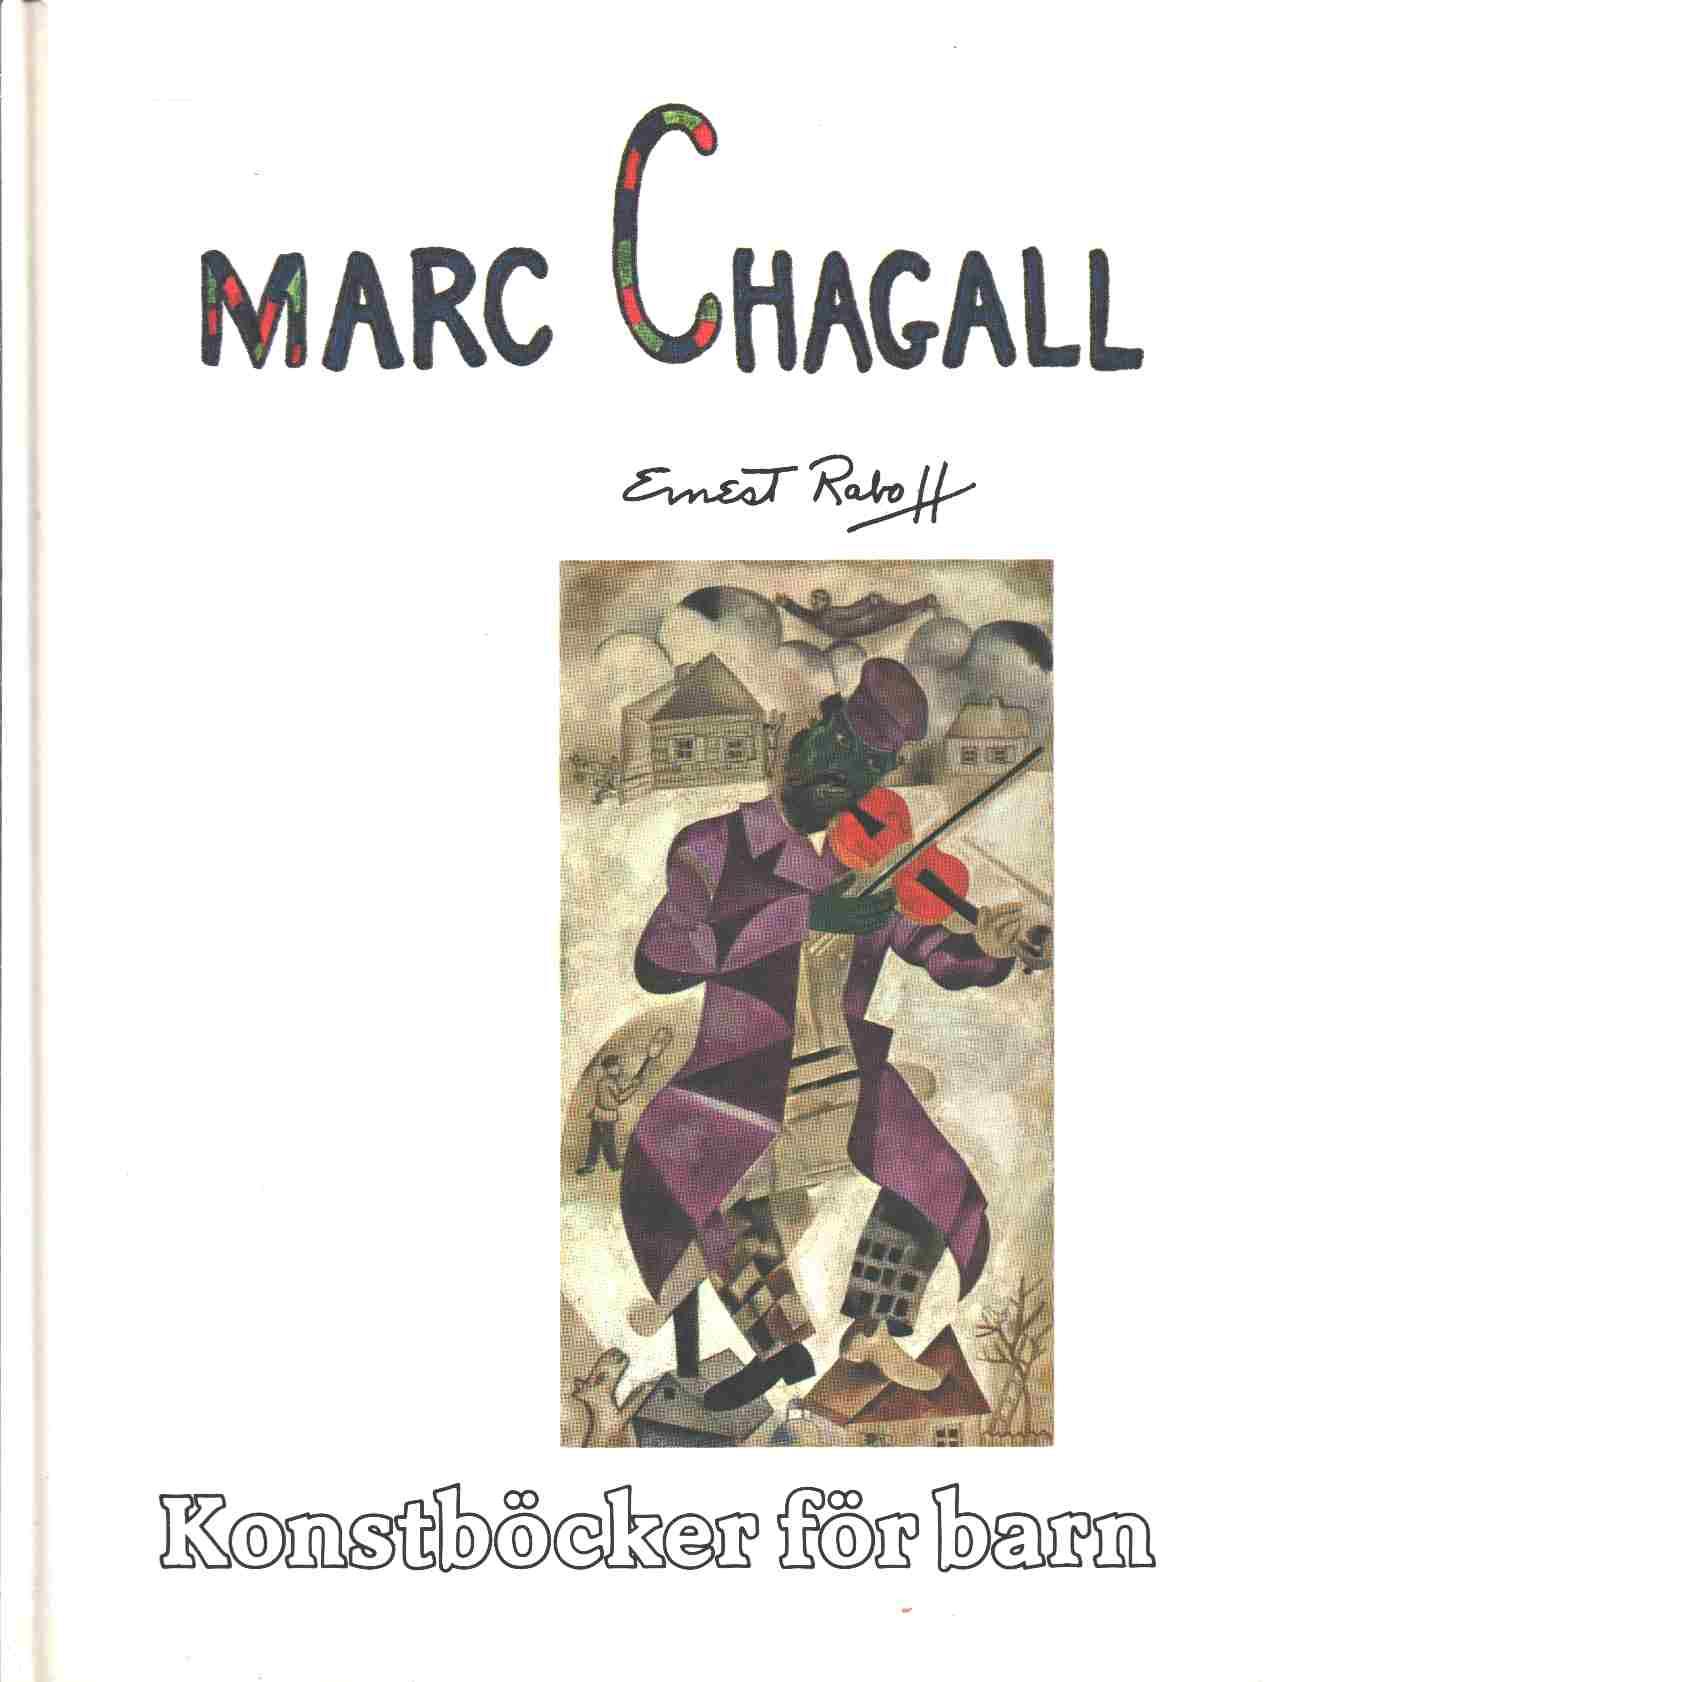 Marc Chagall - Raboff, Ernest